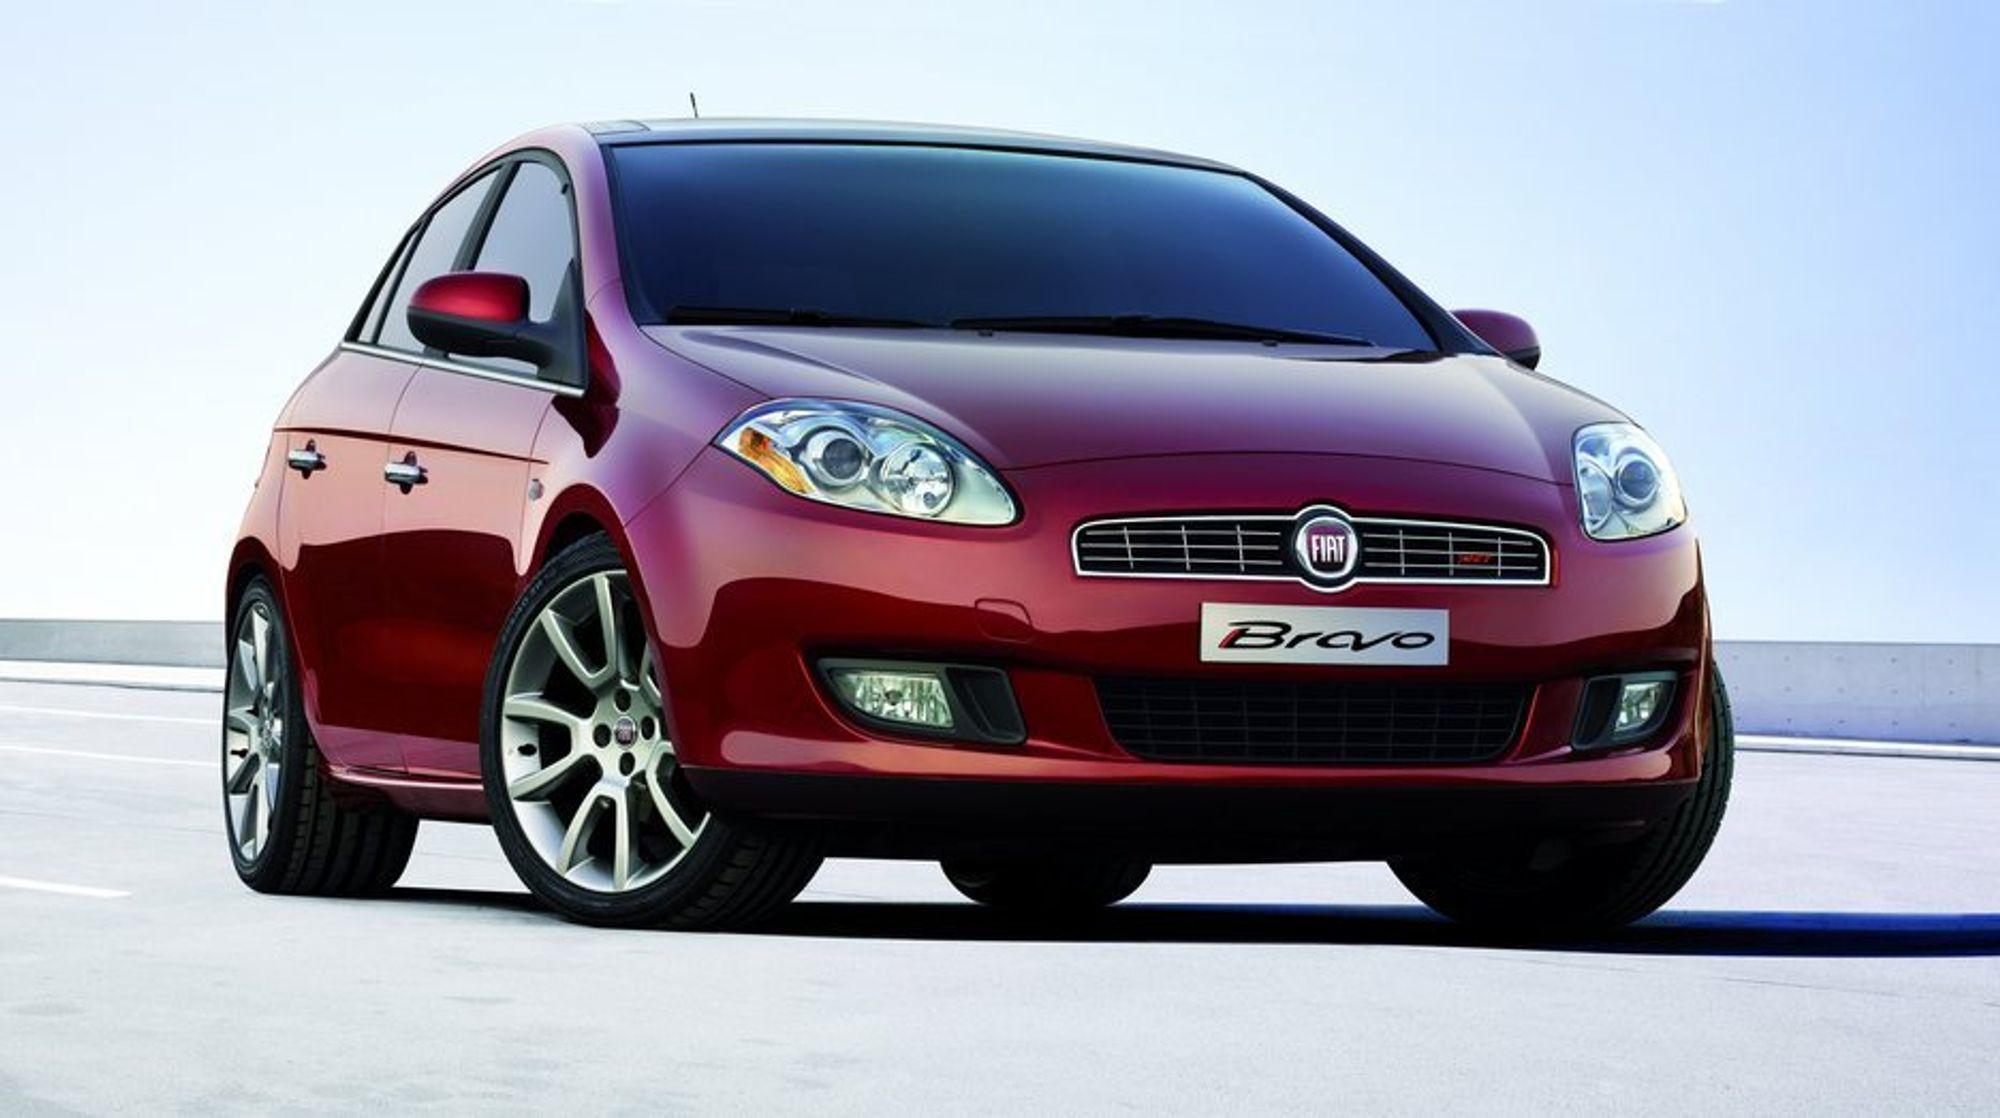 SIKKERT: Fiat Bravo er spekket med elektronik som skal gjøre bilen sikker: Ny generasjon ESP-system, antispinnfunksjonen ASR (Anti Slip Regulation), HBA (Hydraulic Brake Assistance) , ABS låsningsfrie bremser med elektronisk bremsekraftfordeling (EBD), og Hill Holder for bakkestart.  Av aktive sikkerhetssystemer finnes også mulighet for å velge bi-xenon frontlys og svingbare tåkelys som følger rattets bevegelser.